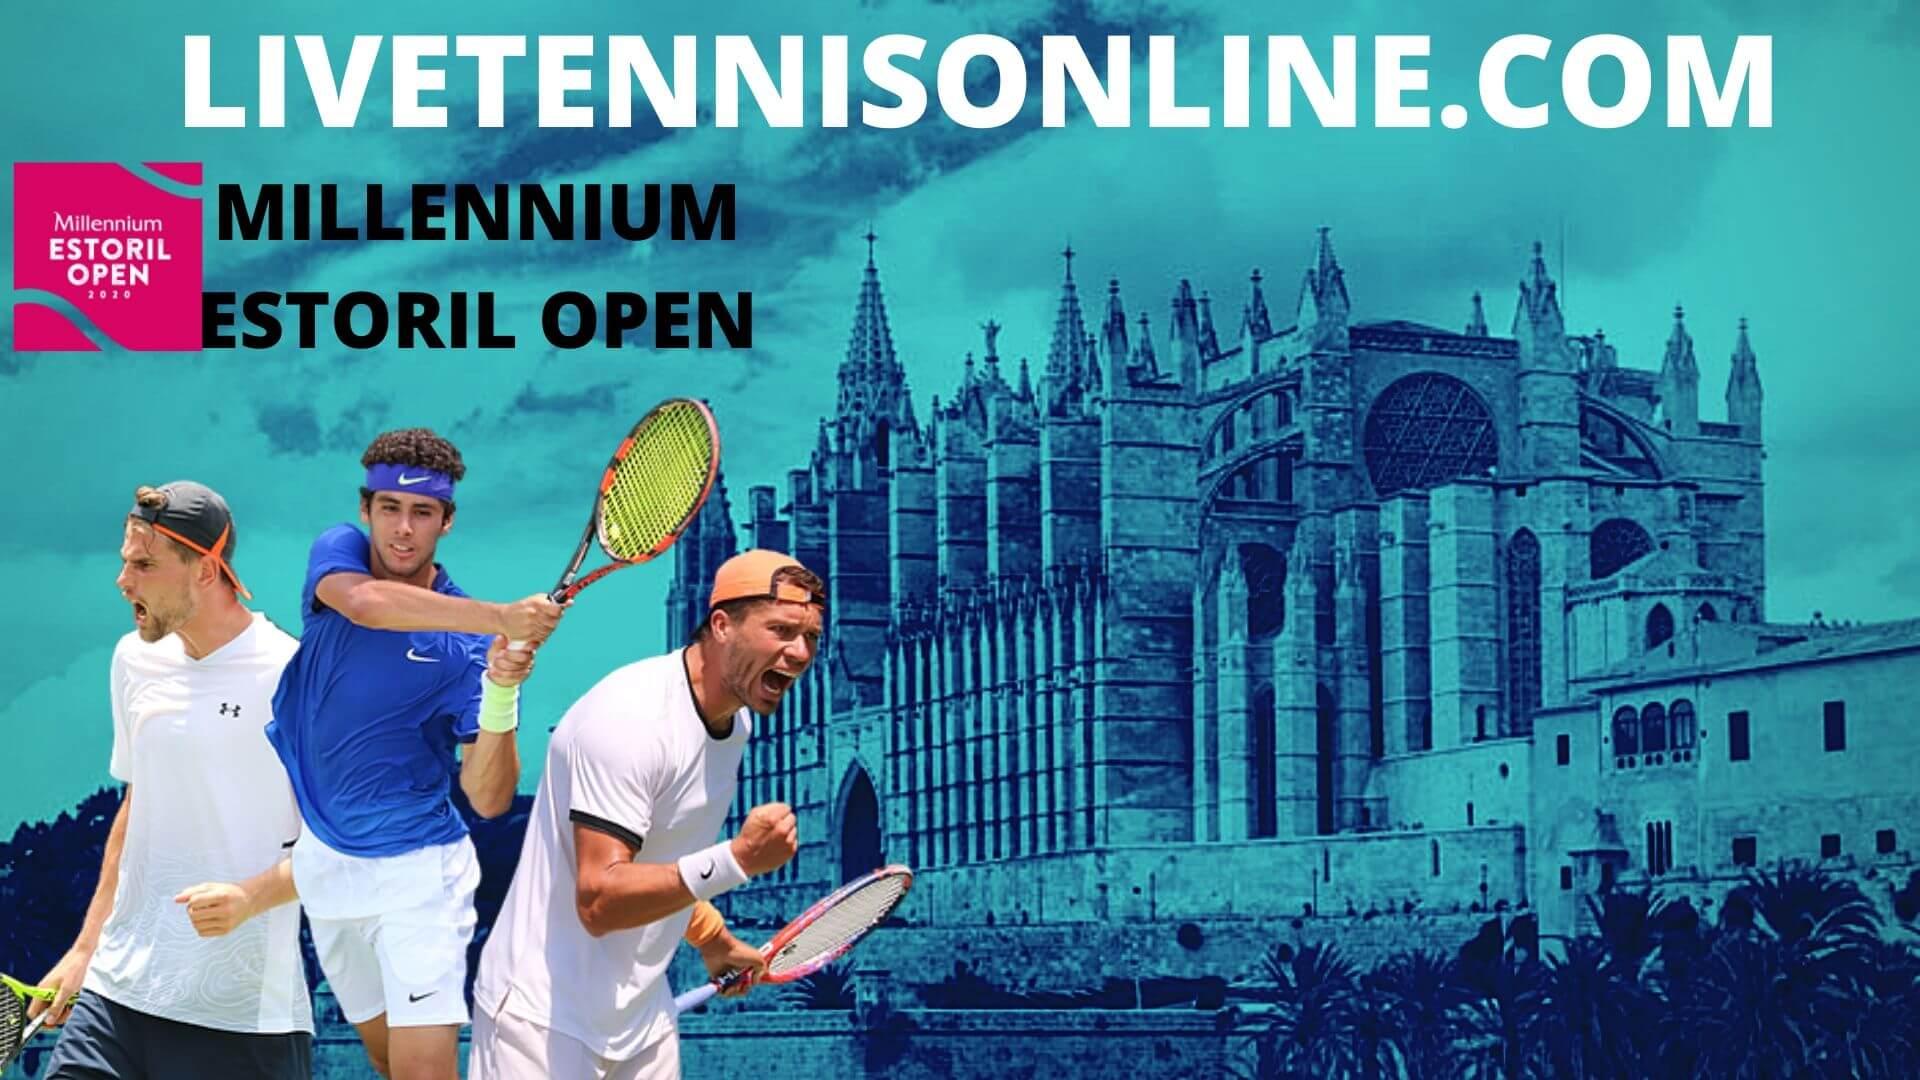 Millennium Estoril Open Live Stream 2020 | ATP Day 5